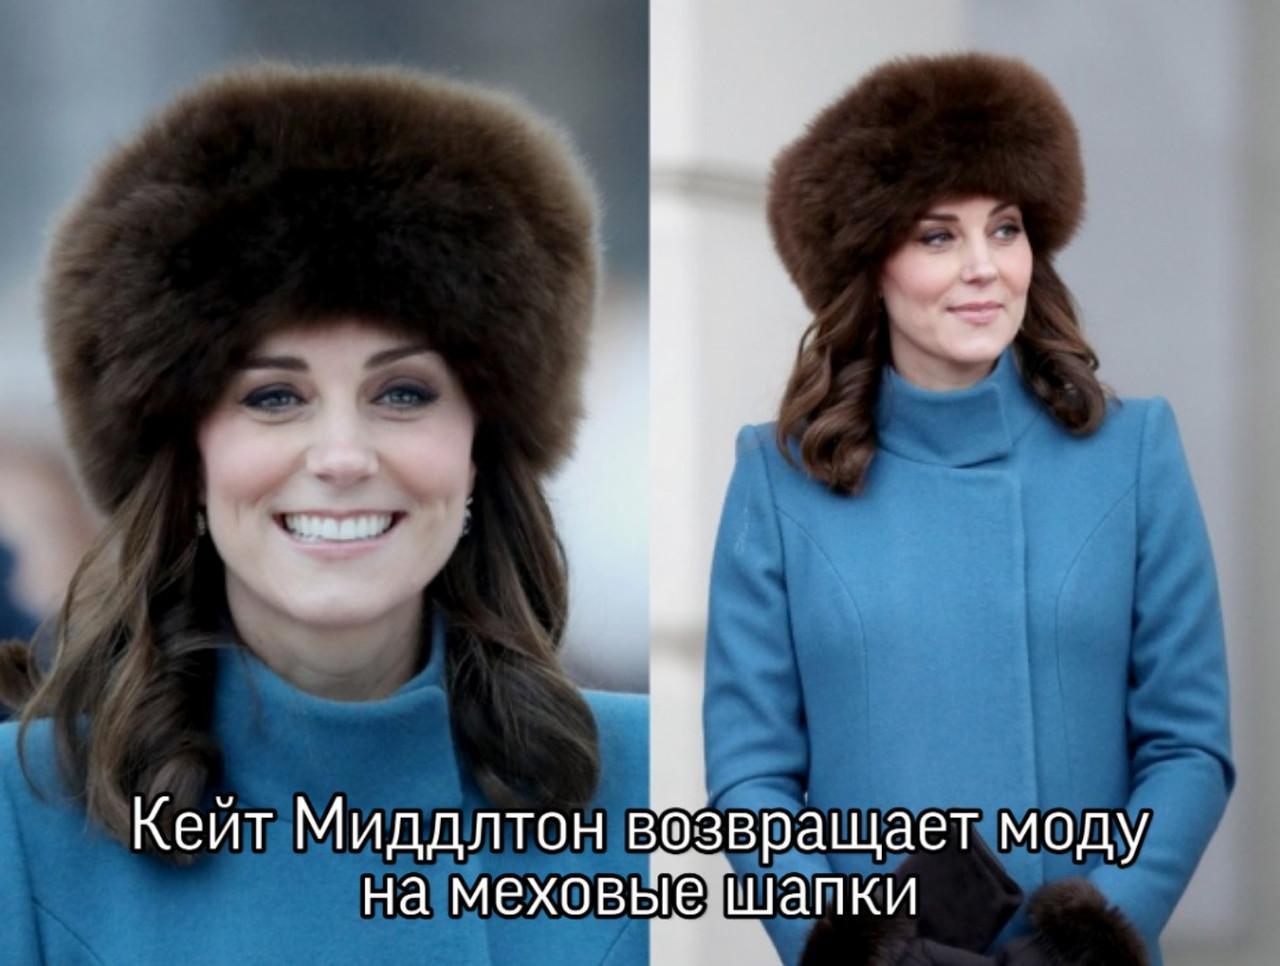 Модные меховые шапки в наличии!!!